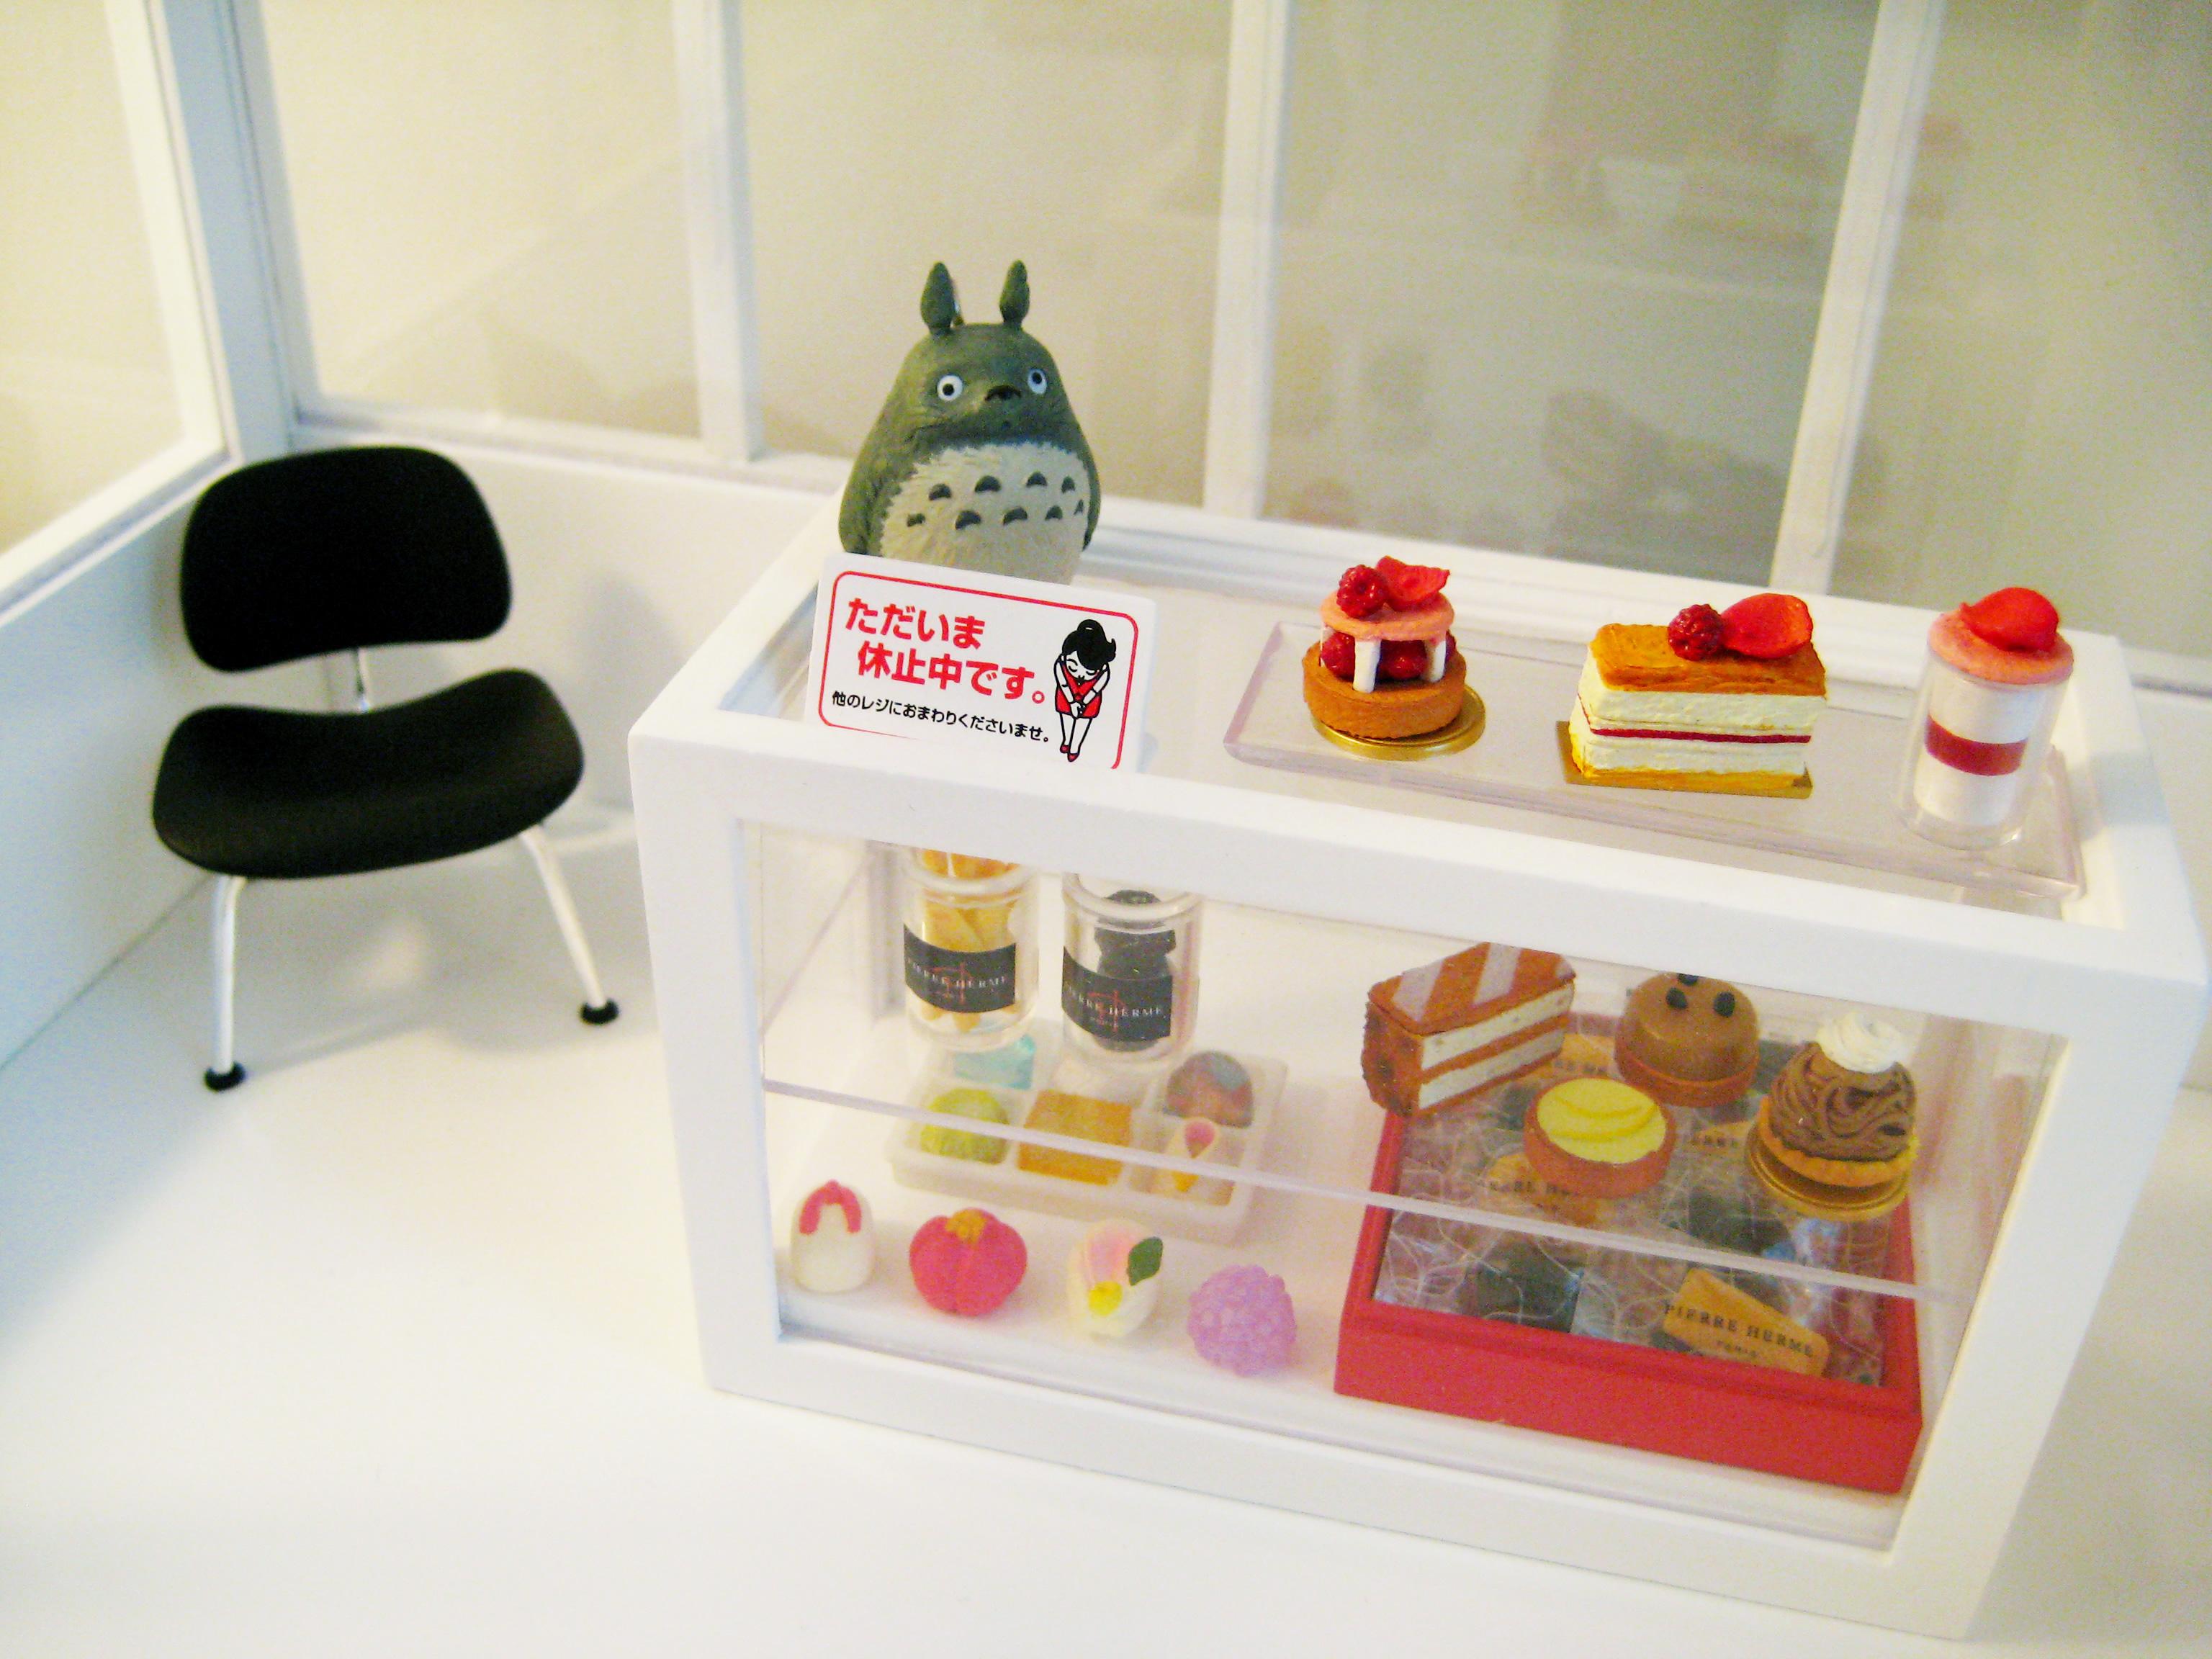 Sweet Shop Counter Displays maison de poupées miniatures